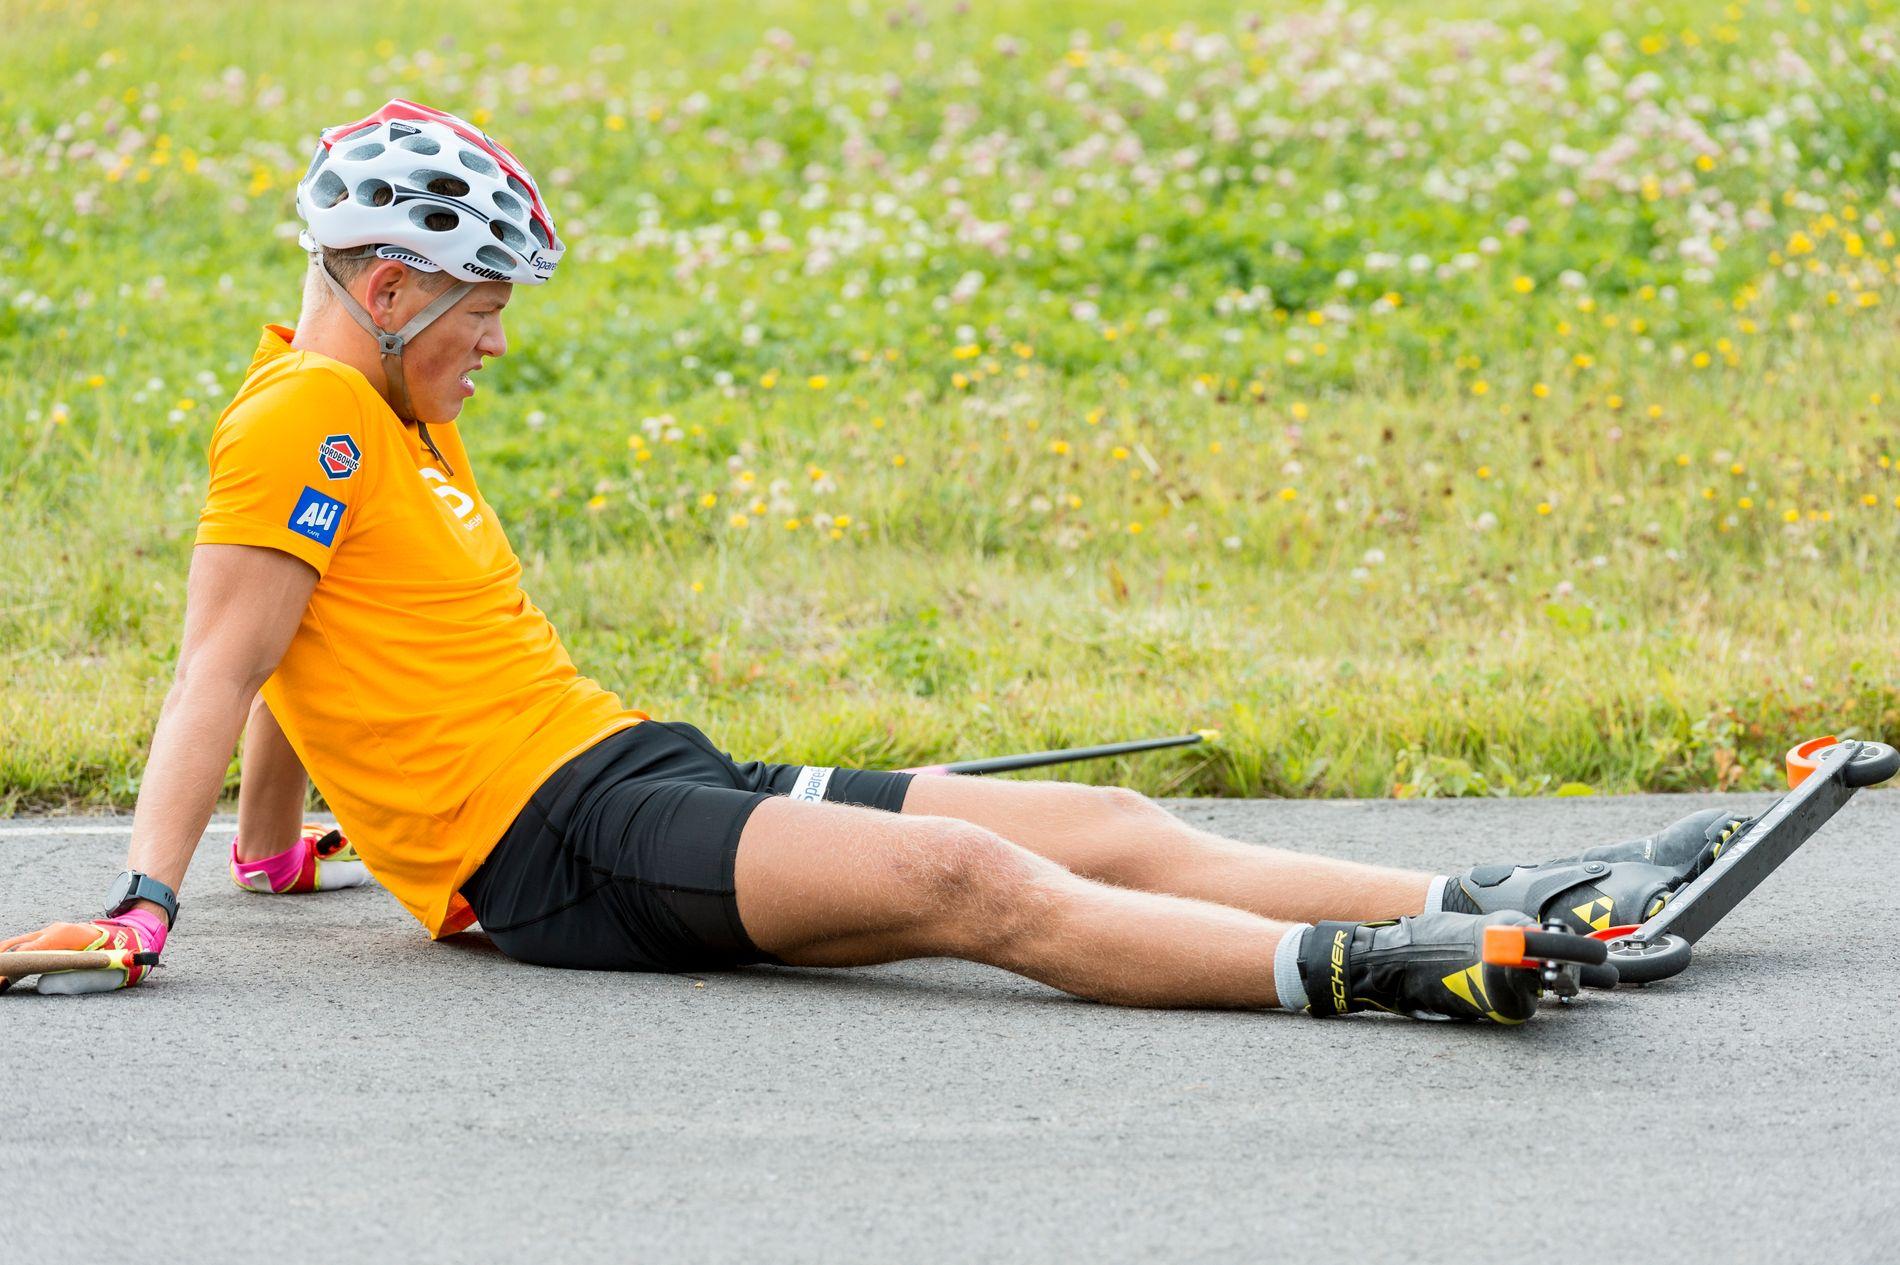 BLYTUNGT: Johannes Høsflot Klæbo orket rett og slett ikke å gå finalen på trening i samling i Steinkjer tirsdag. Han var helt ferdig.